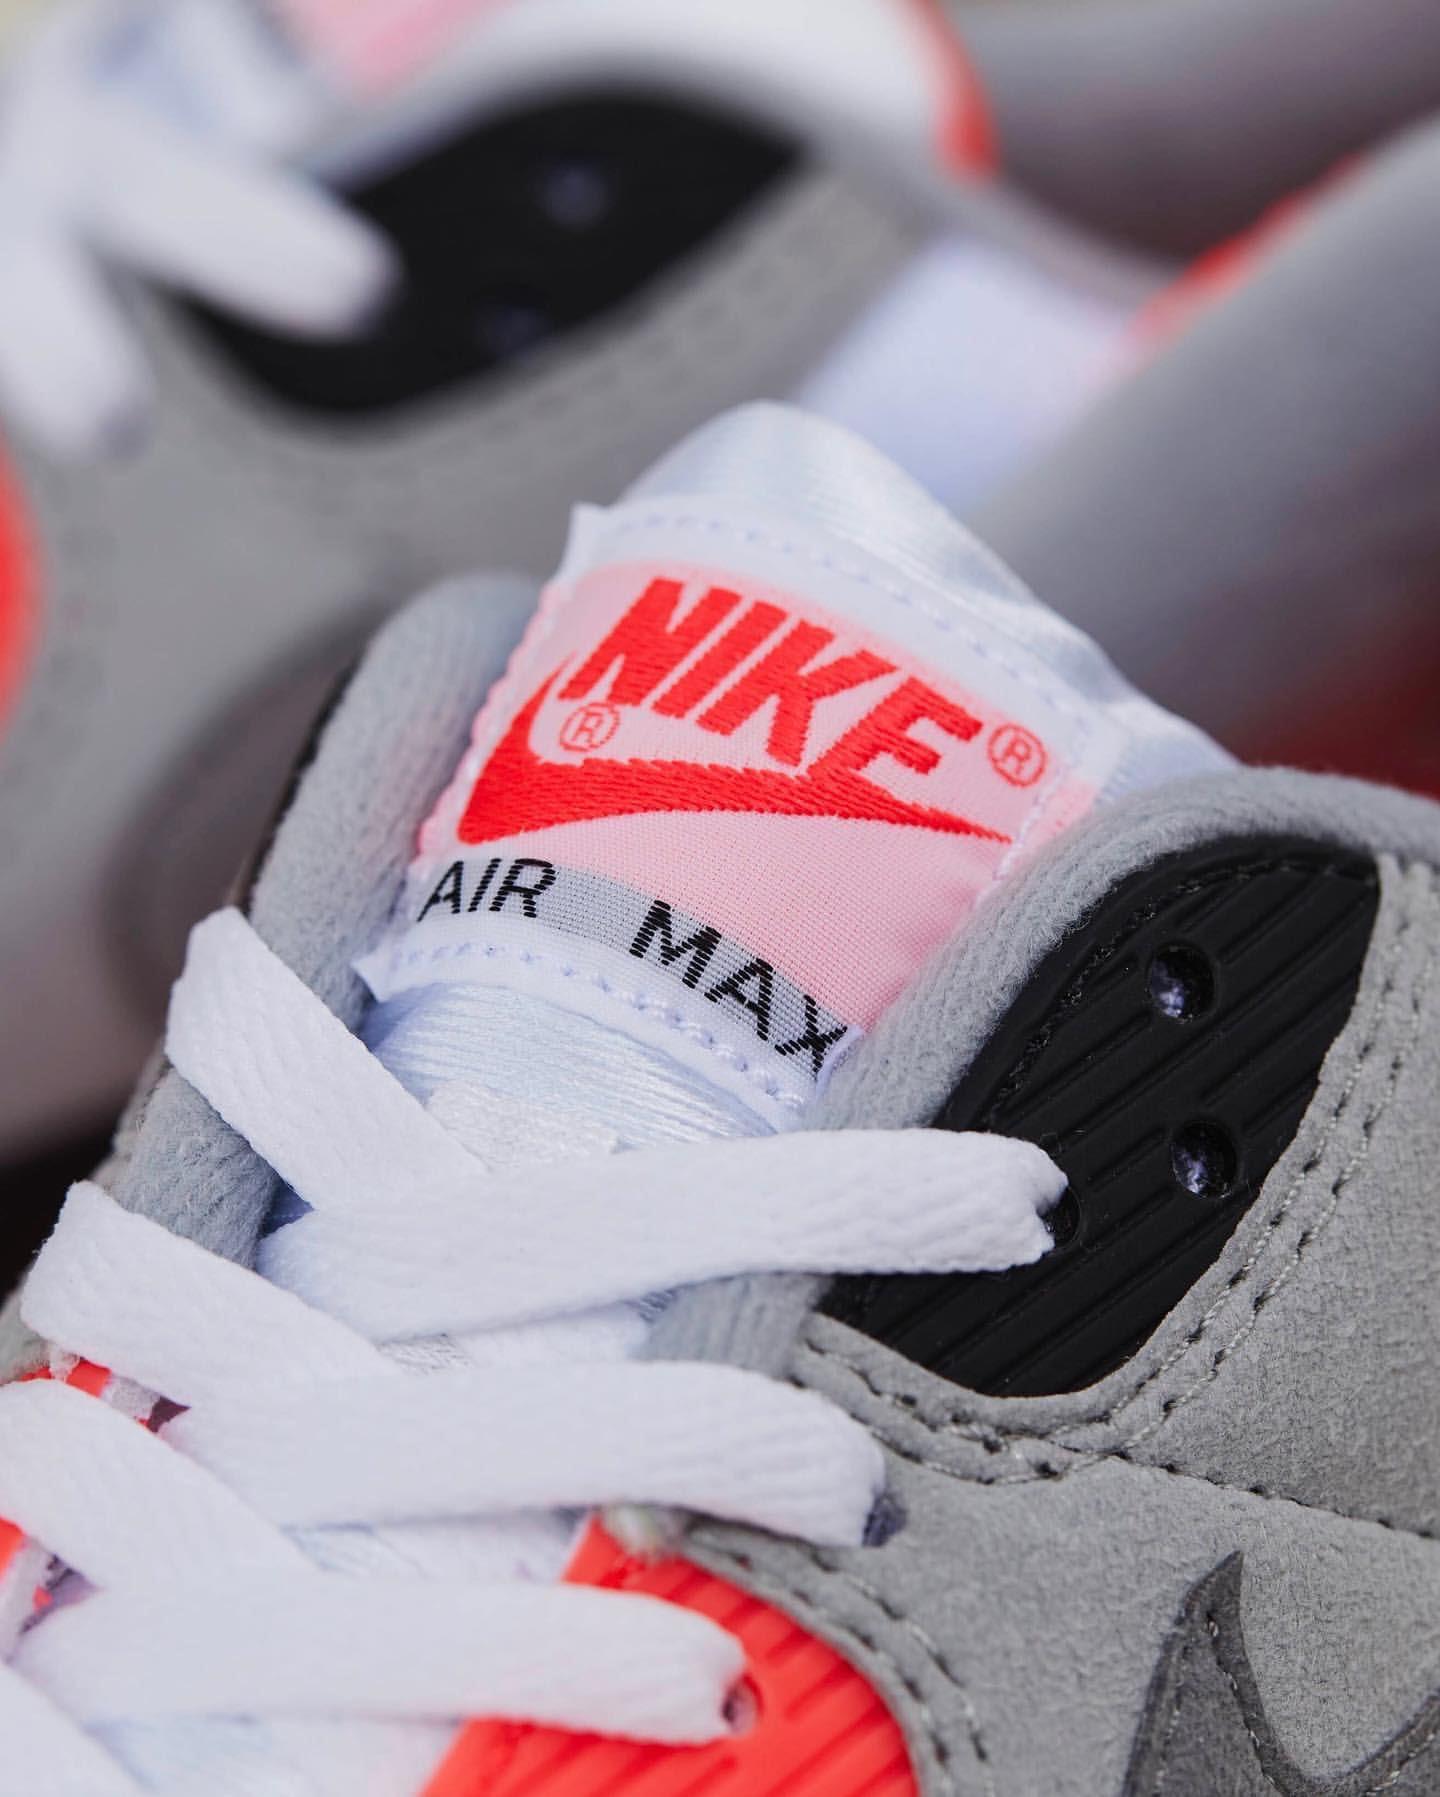 ナイキ エア マックス 90 インフラレッド Nike Air Max 90 Infrared CT1685-100 atmos tan